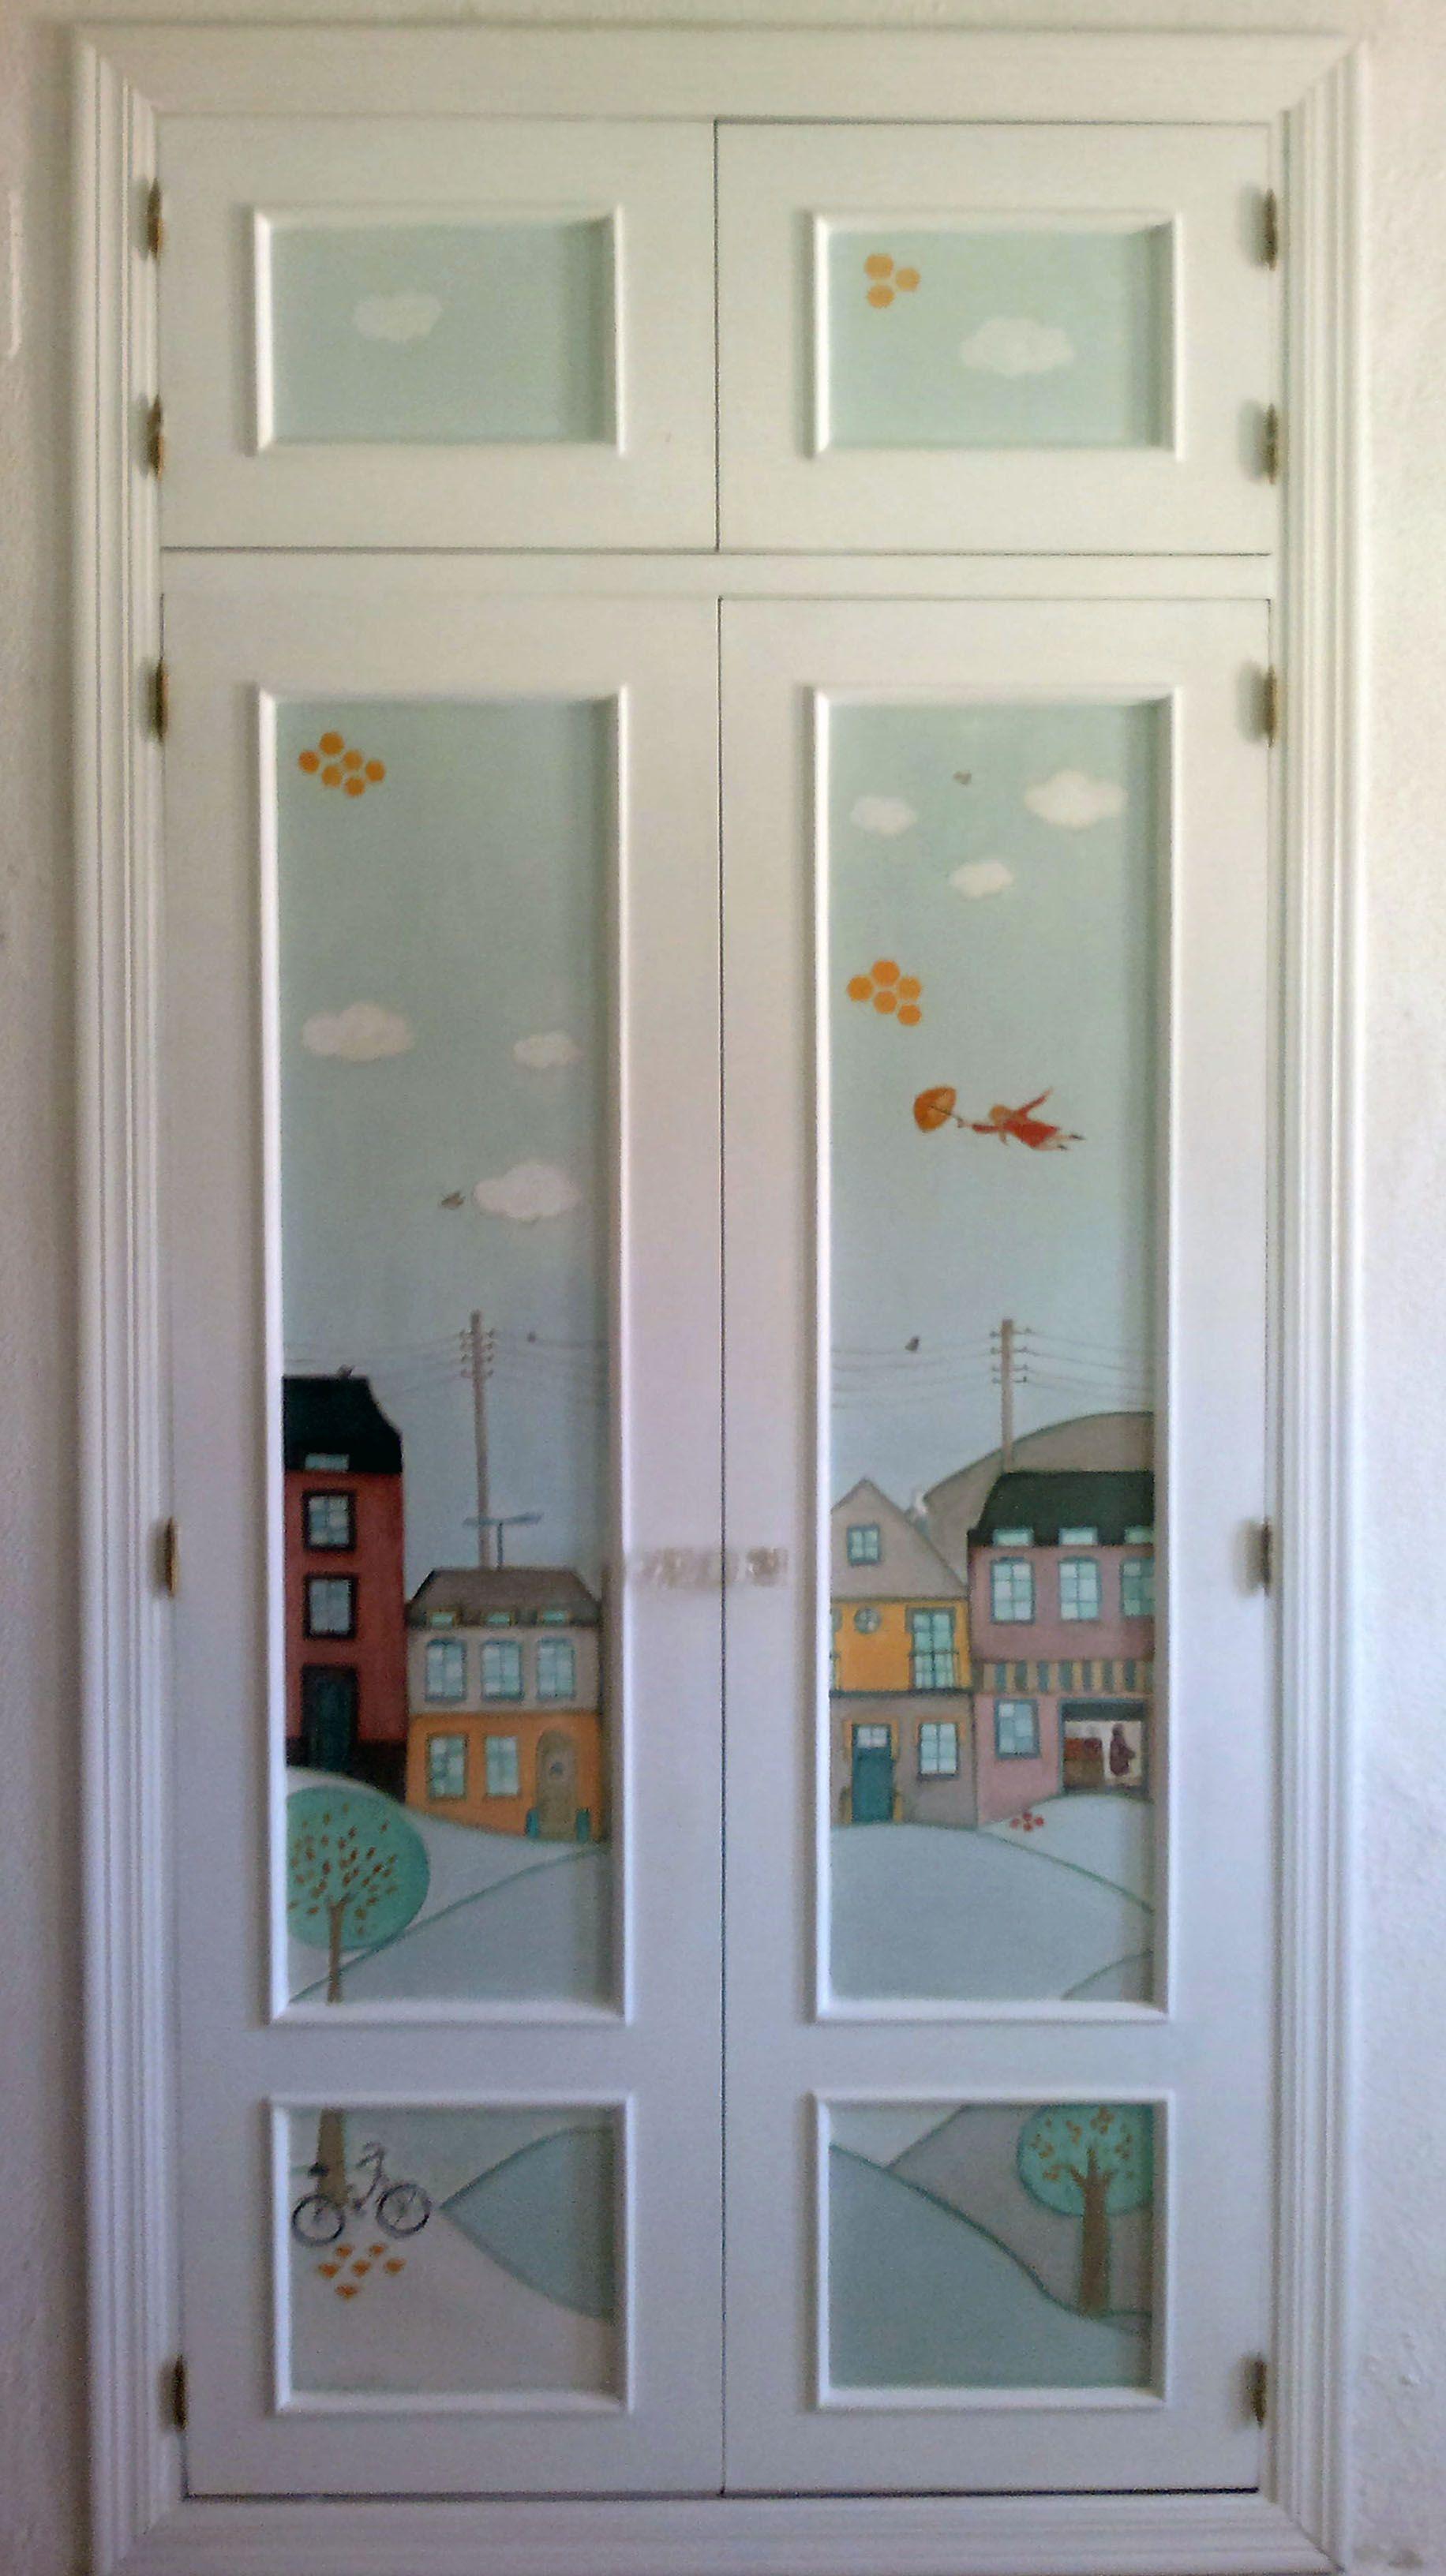 armario empotrado pintado a mano ilustraci n propia